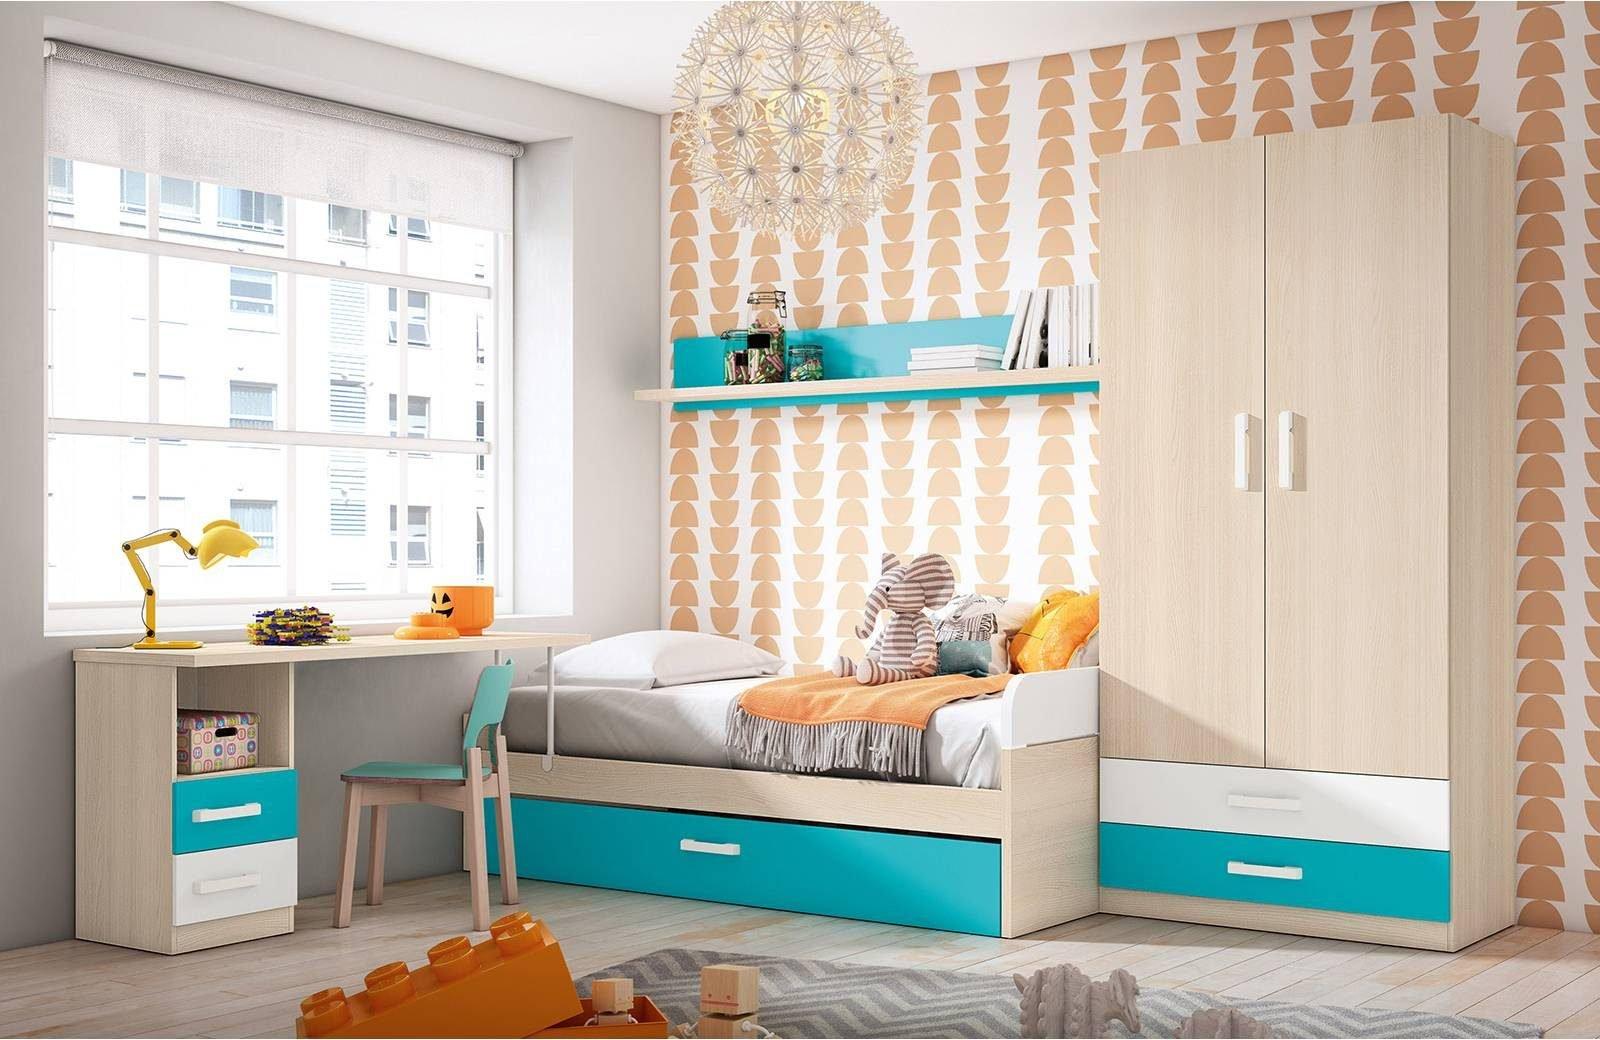 Los 5 mejores dormitorios juveniles con cama nido en merkamueble prodecoracion - Armarios juveniles merkamueble ...